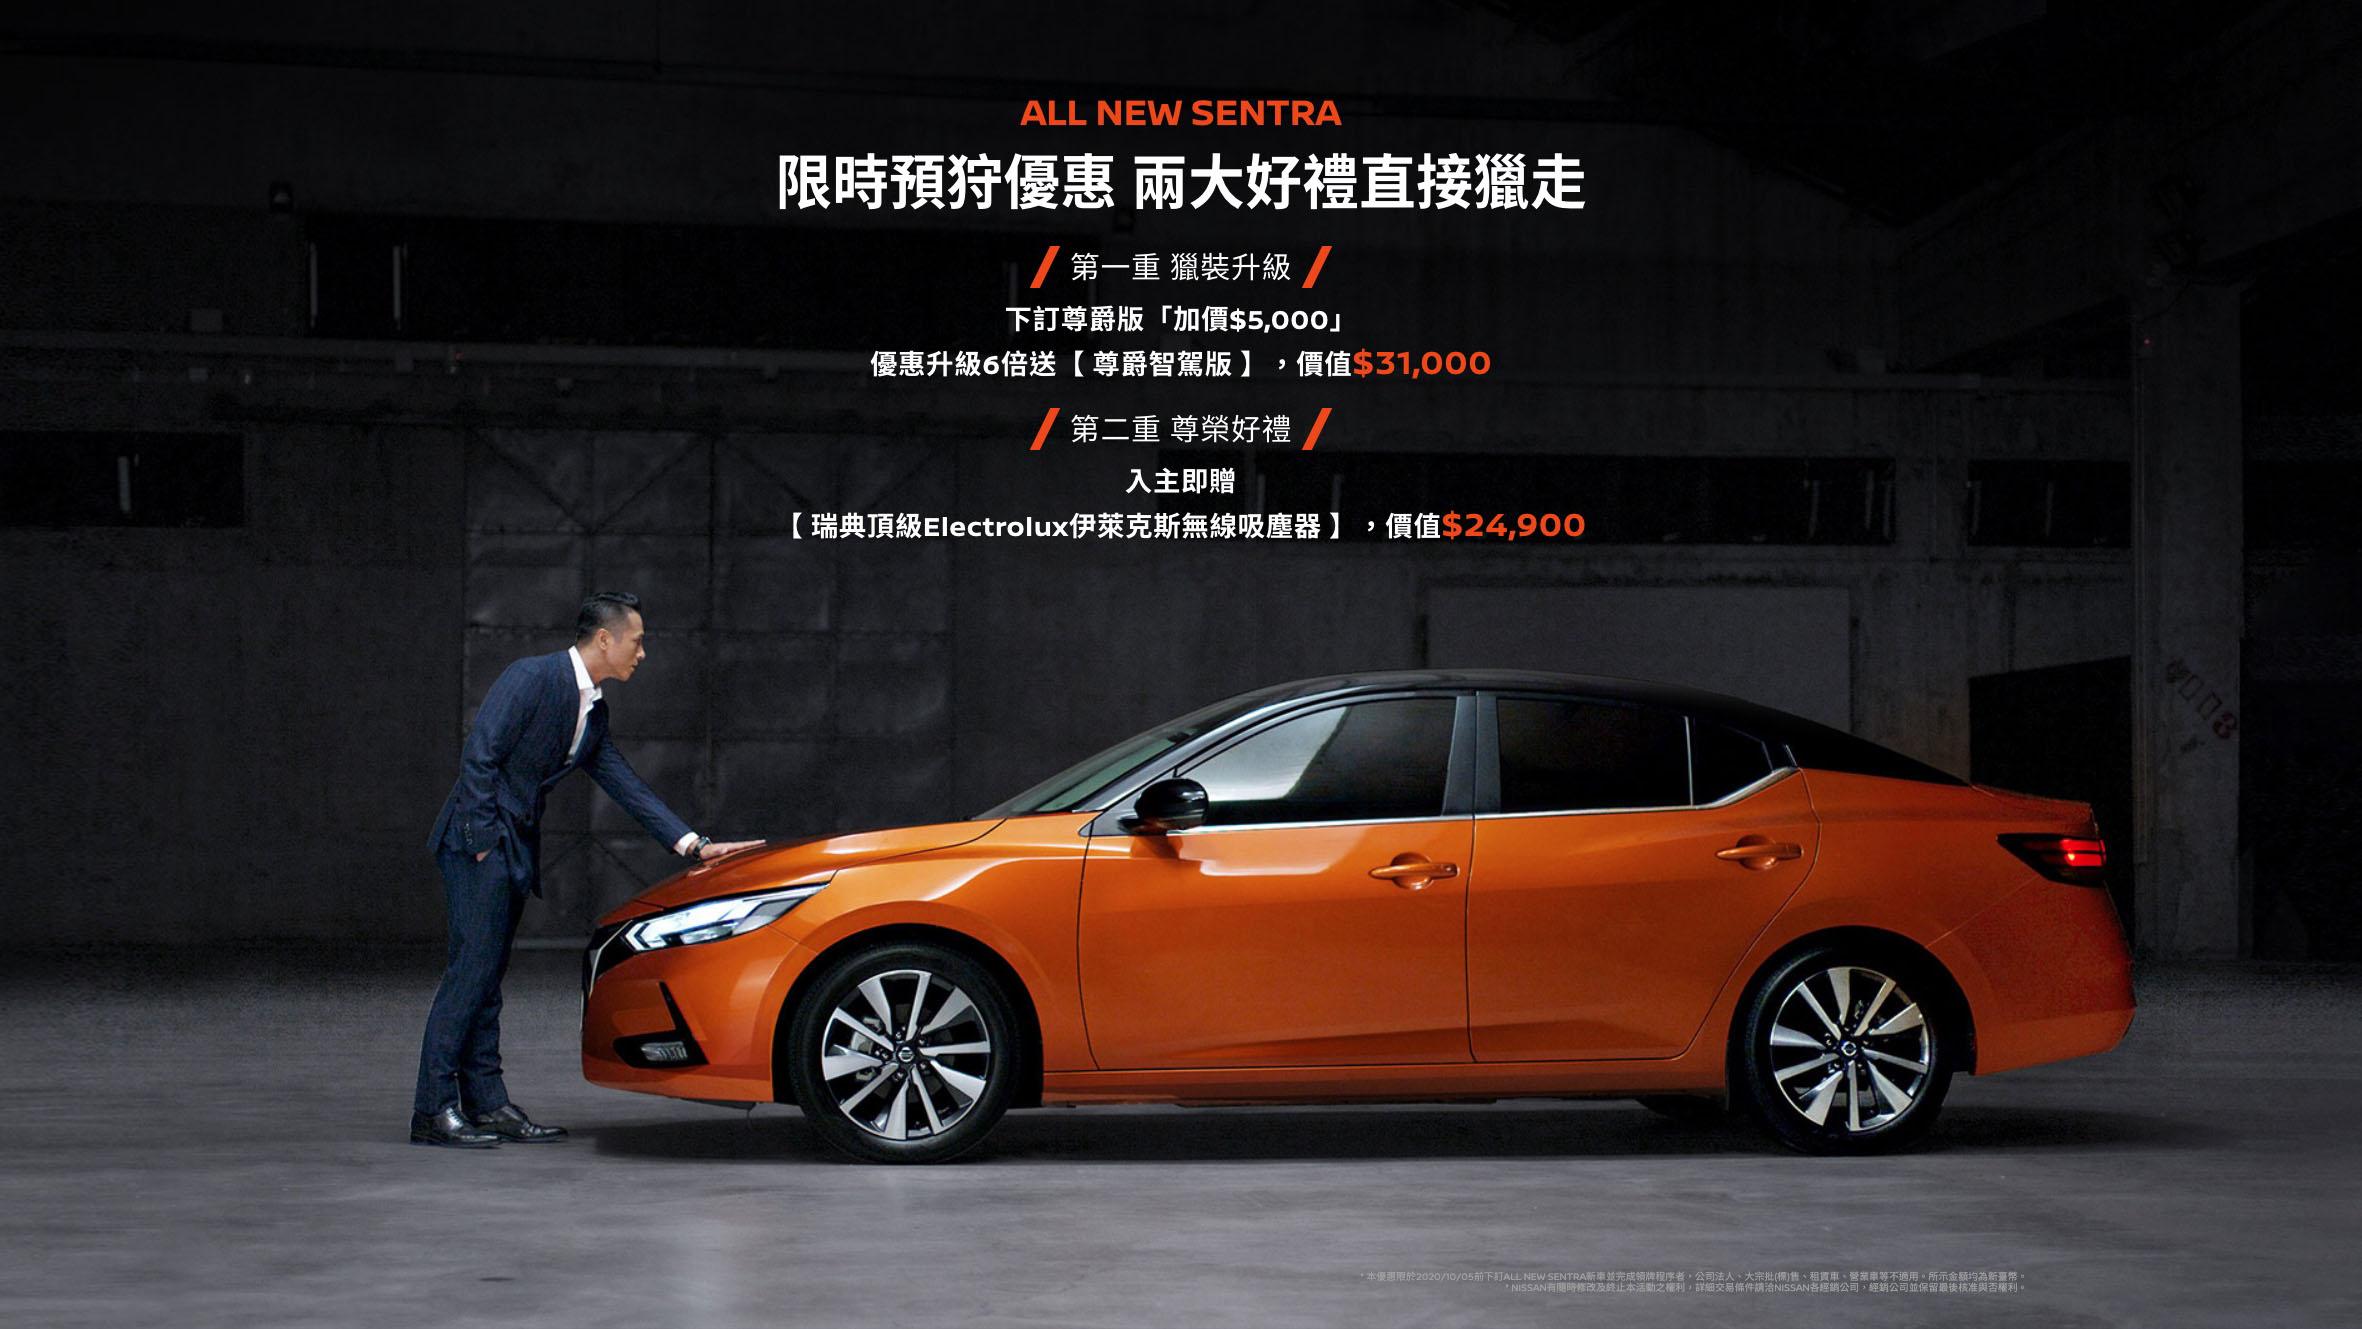 【影】Nissan Sentra 微電影,實力派演員莊凱勛跨界出演